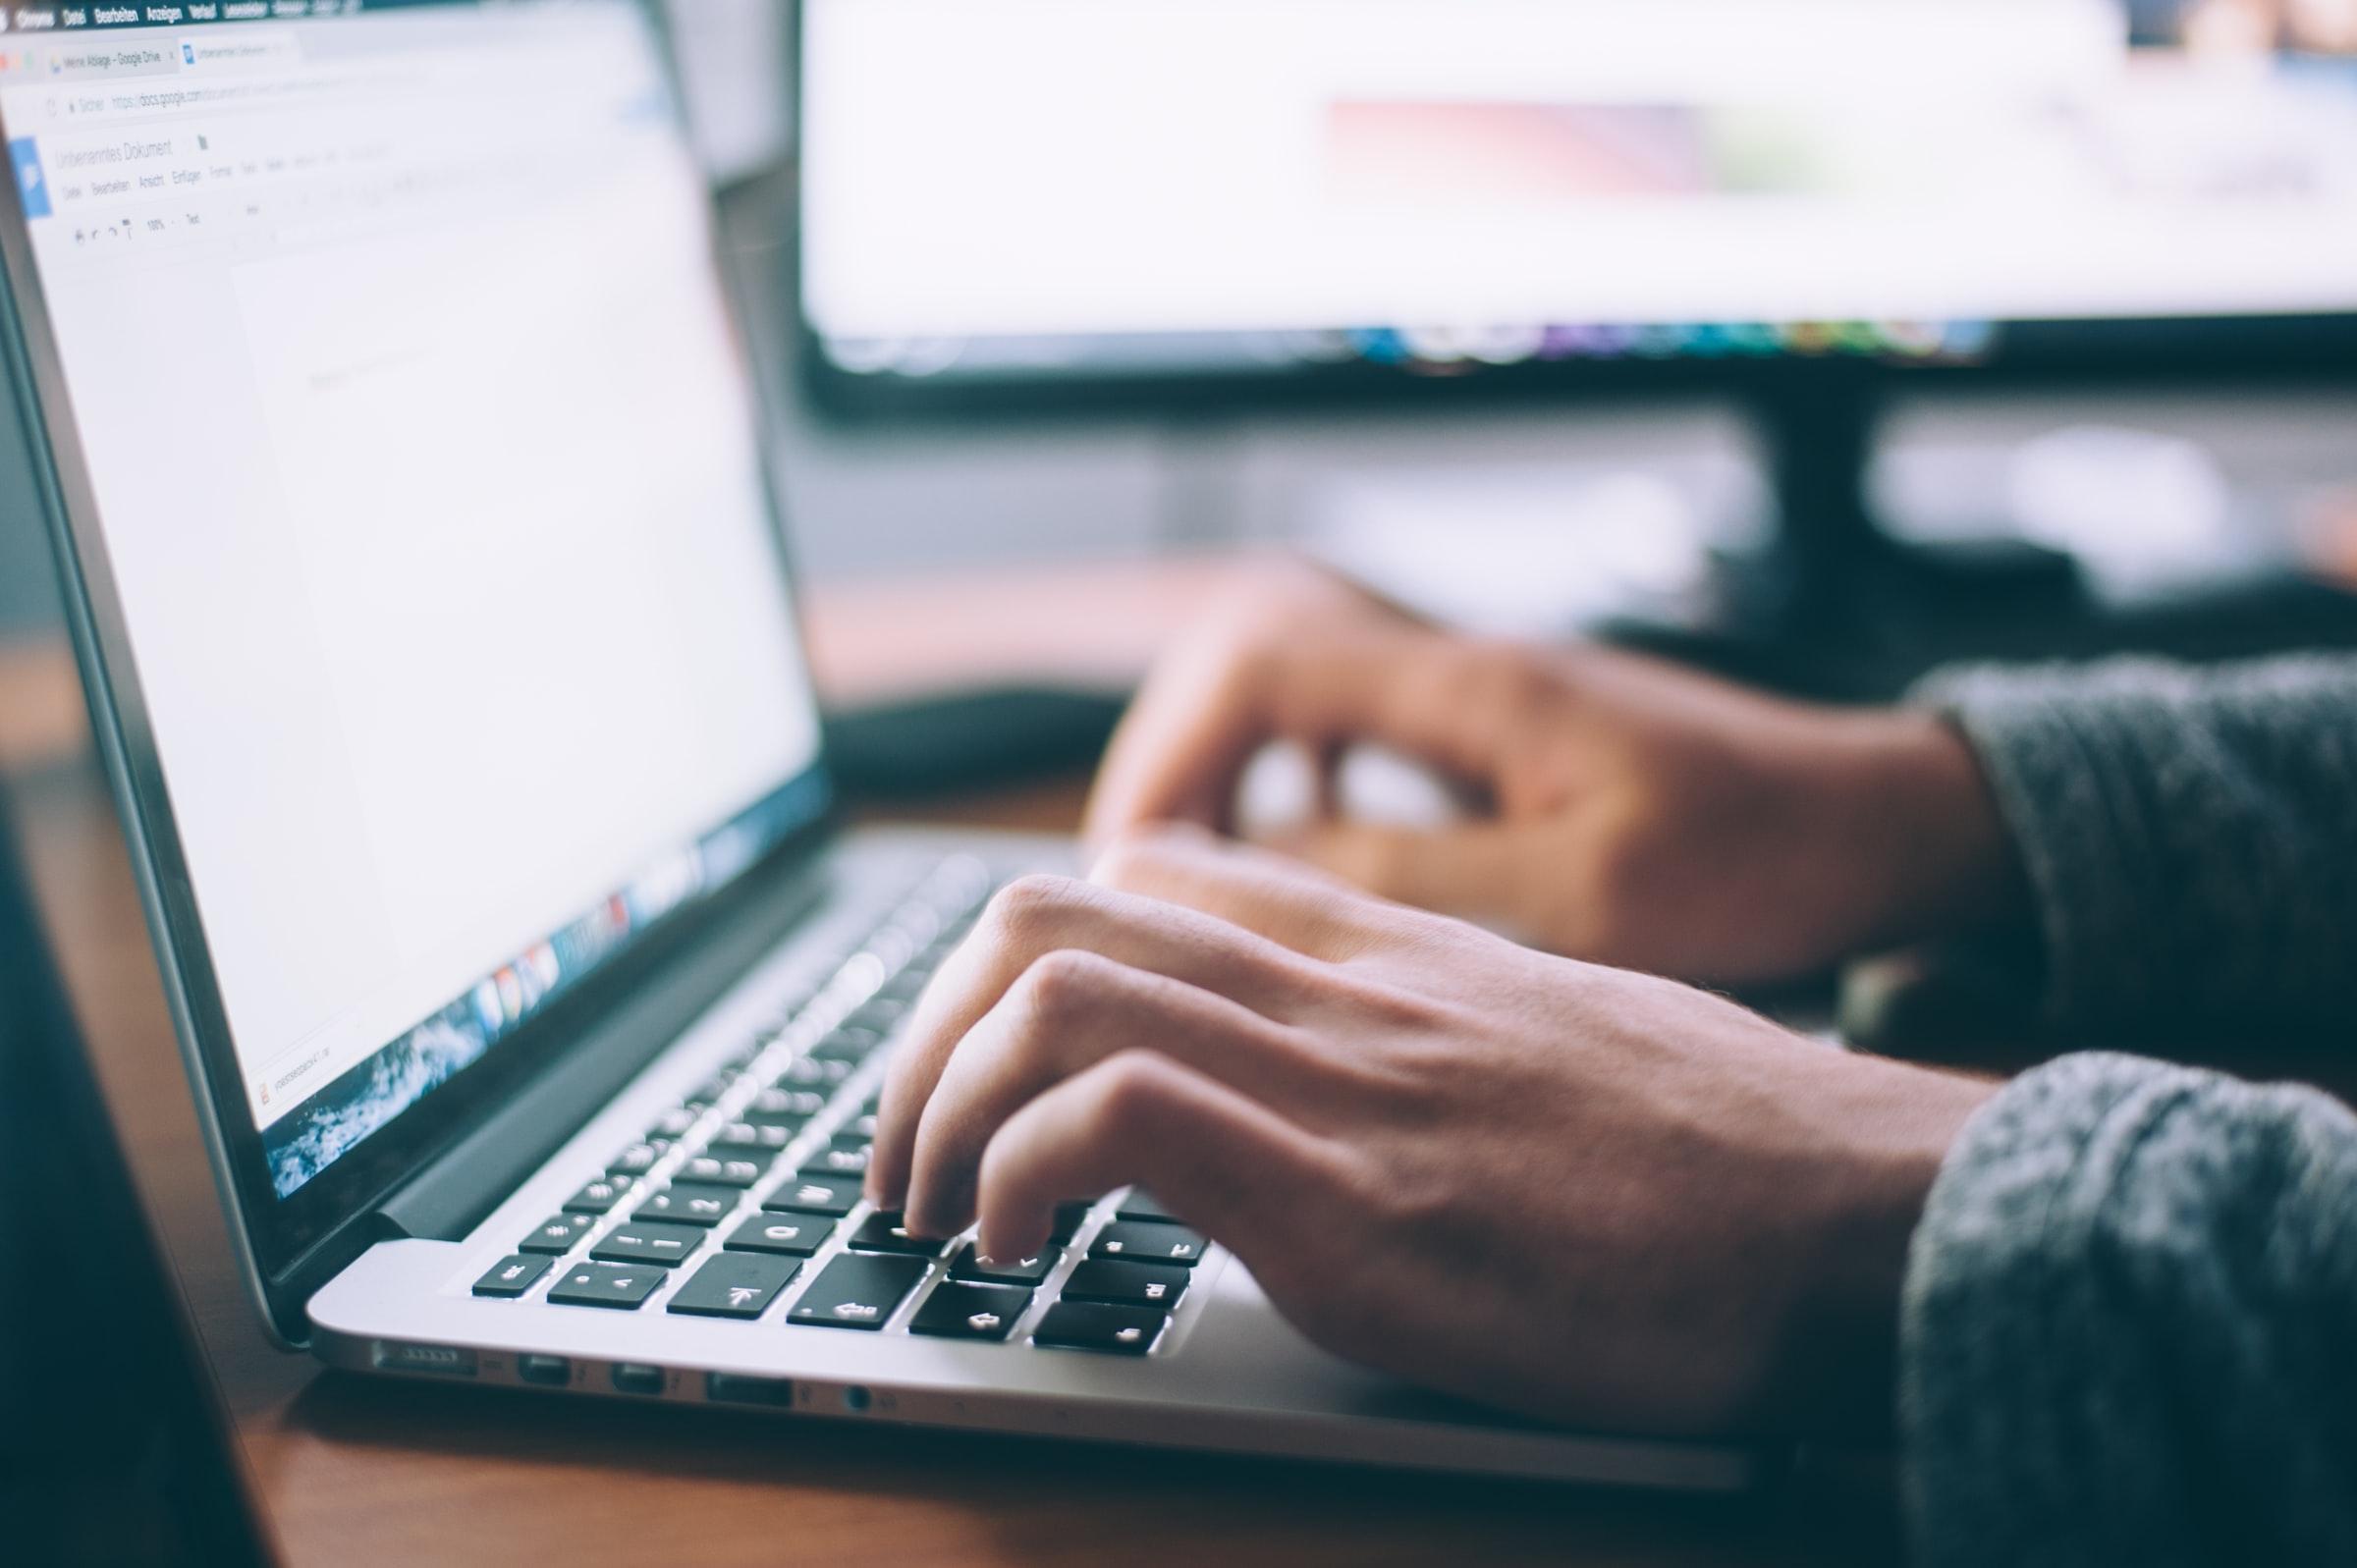 описание изображения Онлайн-курс супервизий для специалистов по партнерству с семьями